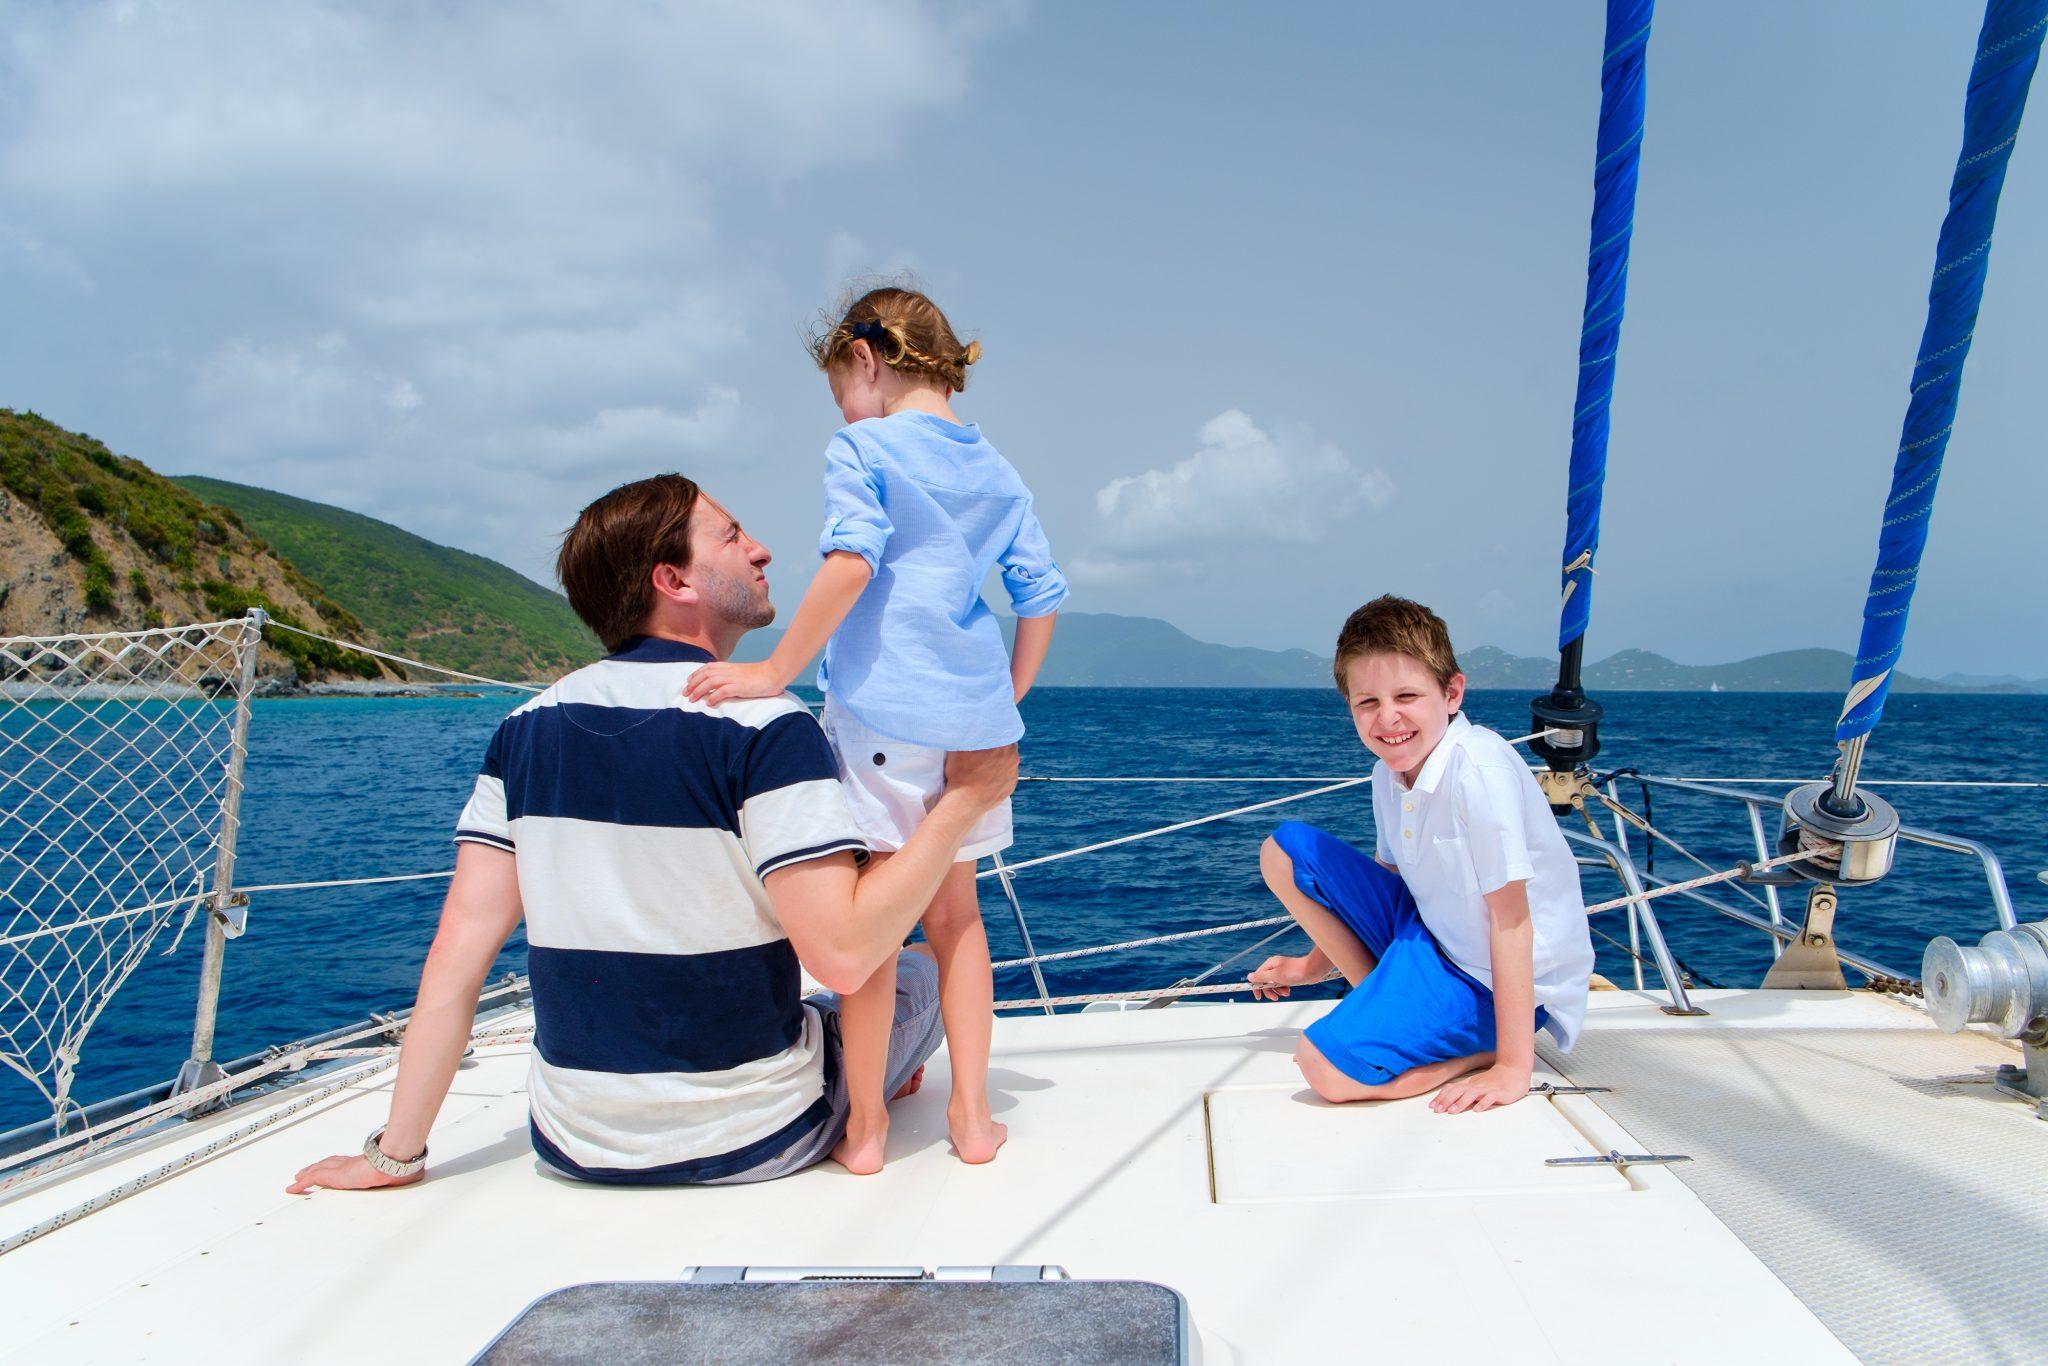 Flottiglia in famiglia